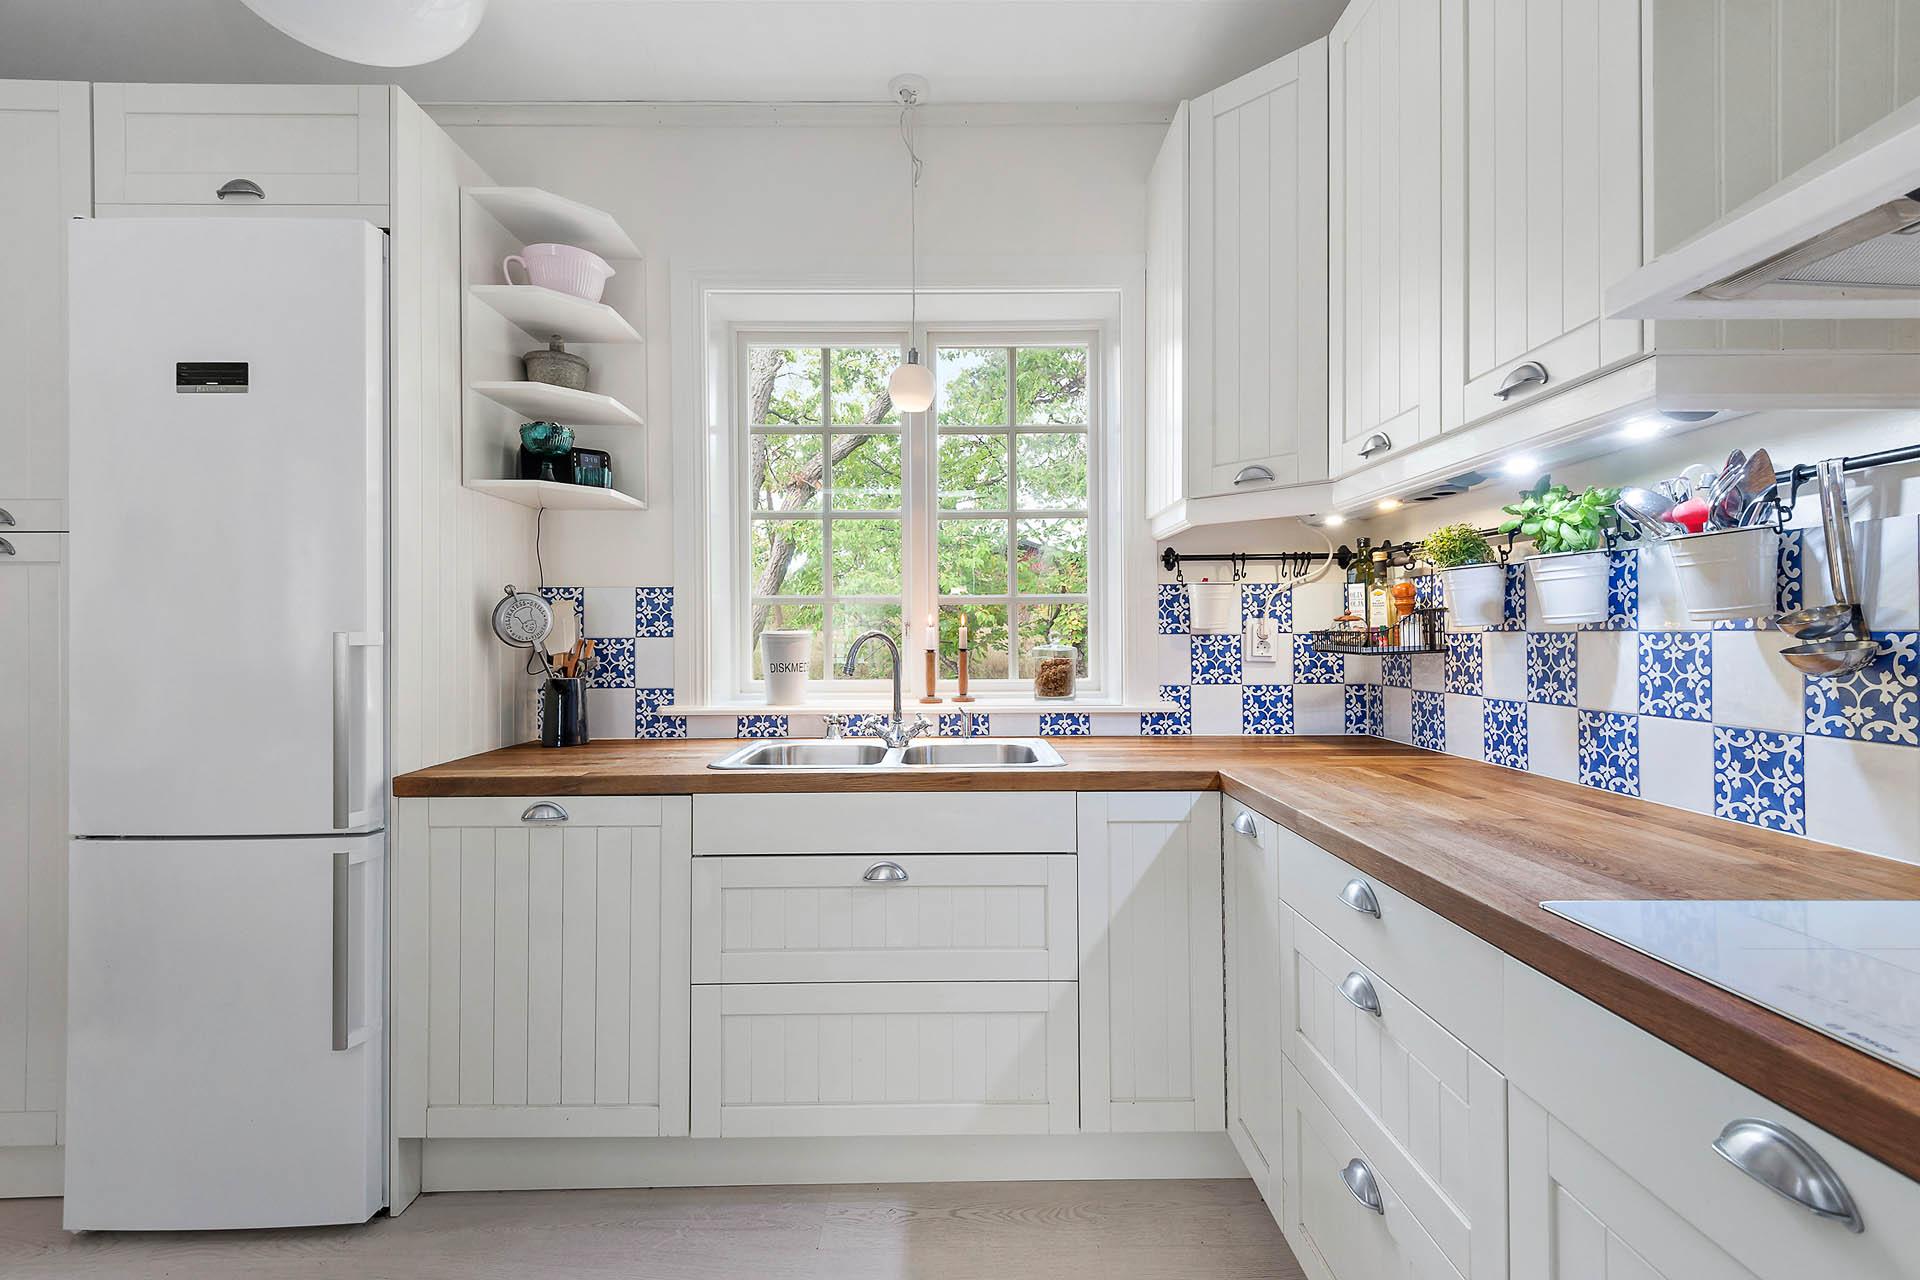 Kök med fönster för ljusinsläpp